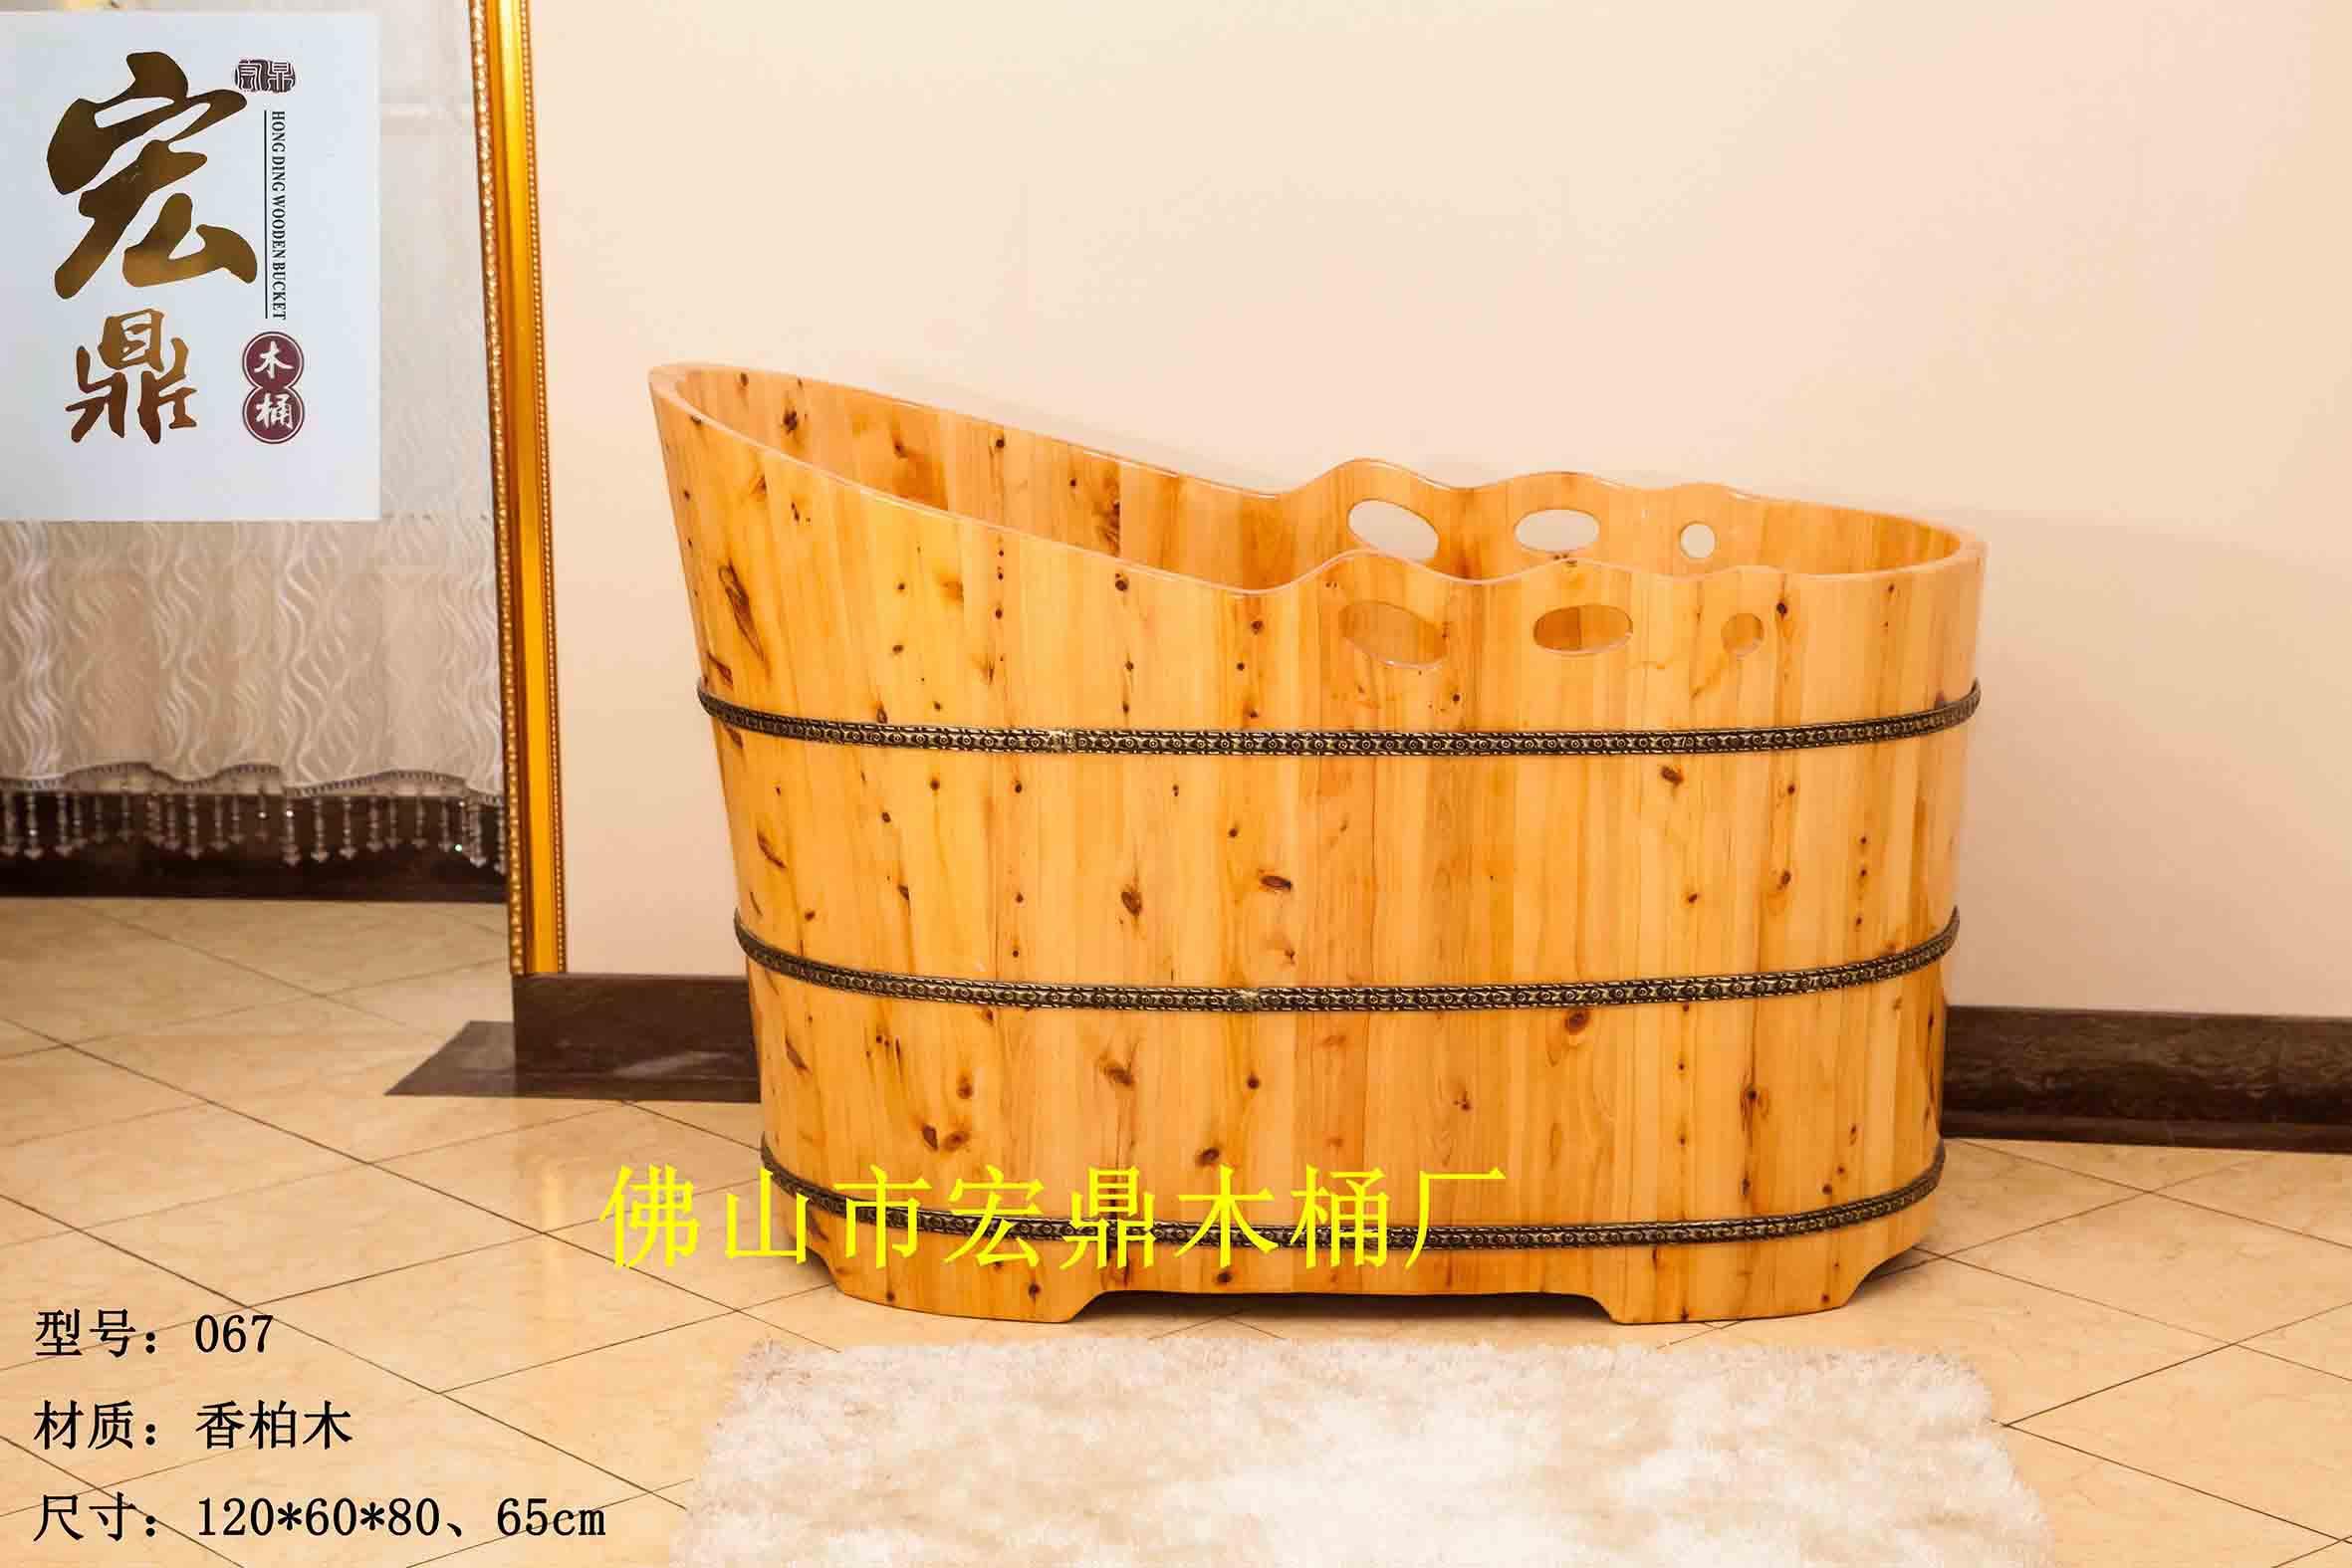 比重量:同等规格,尺寸的浴桶